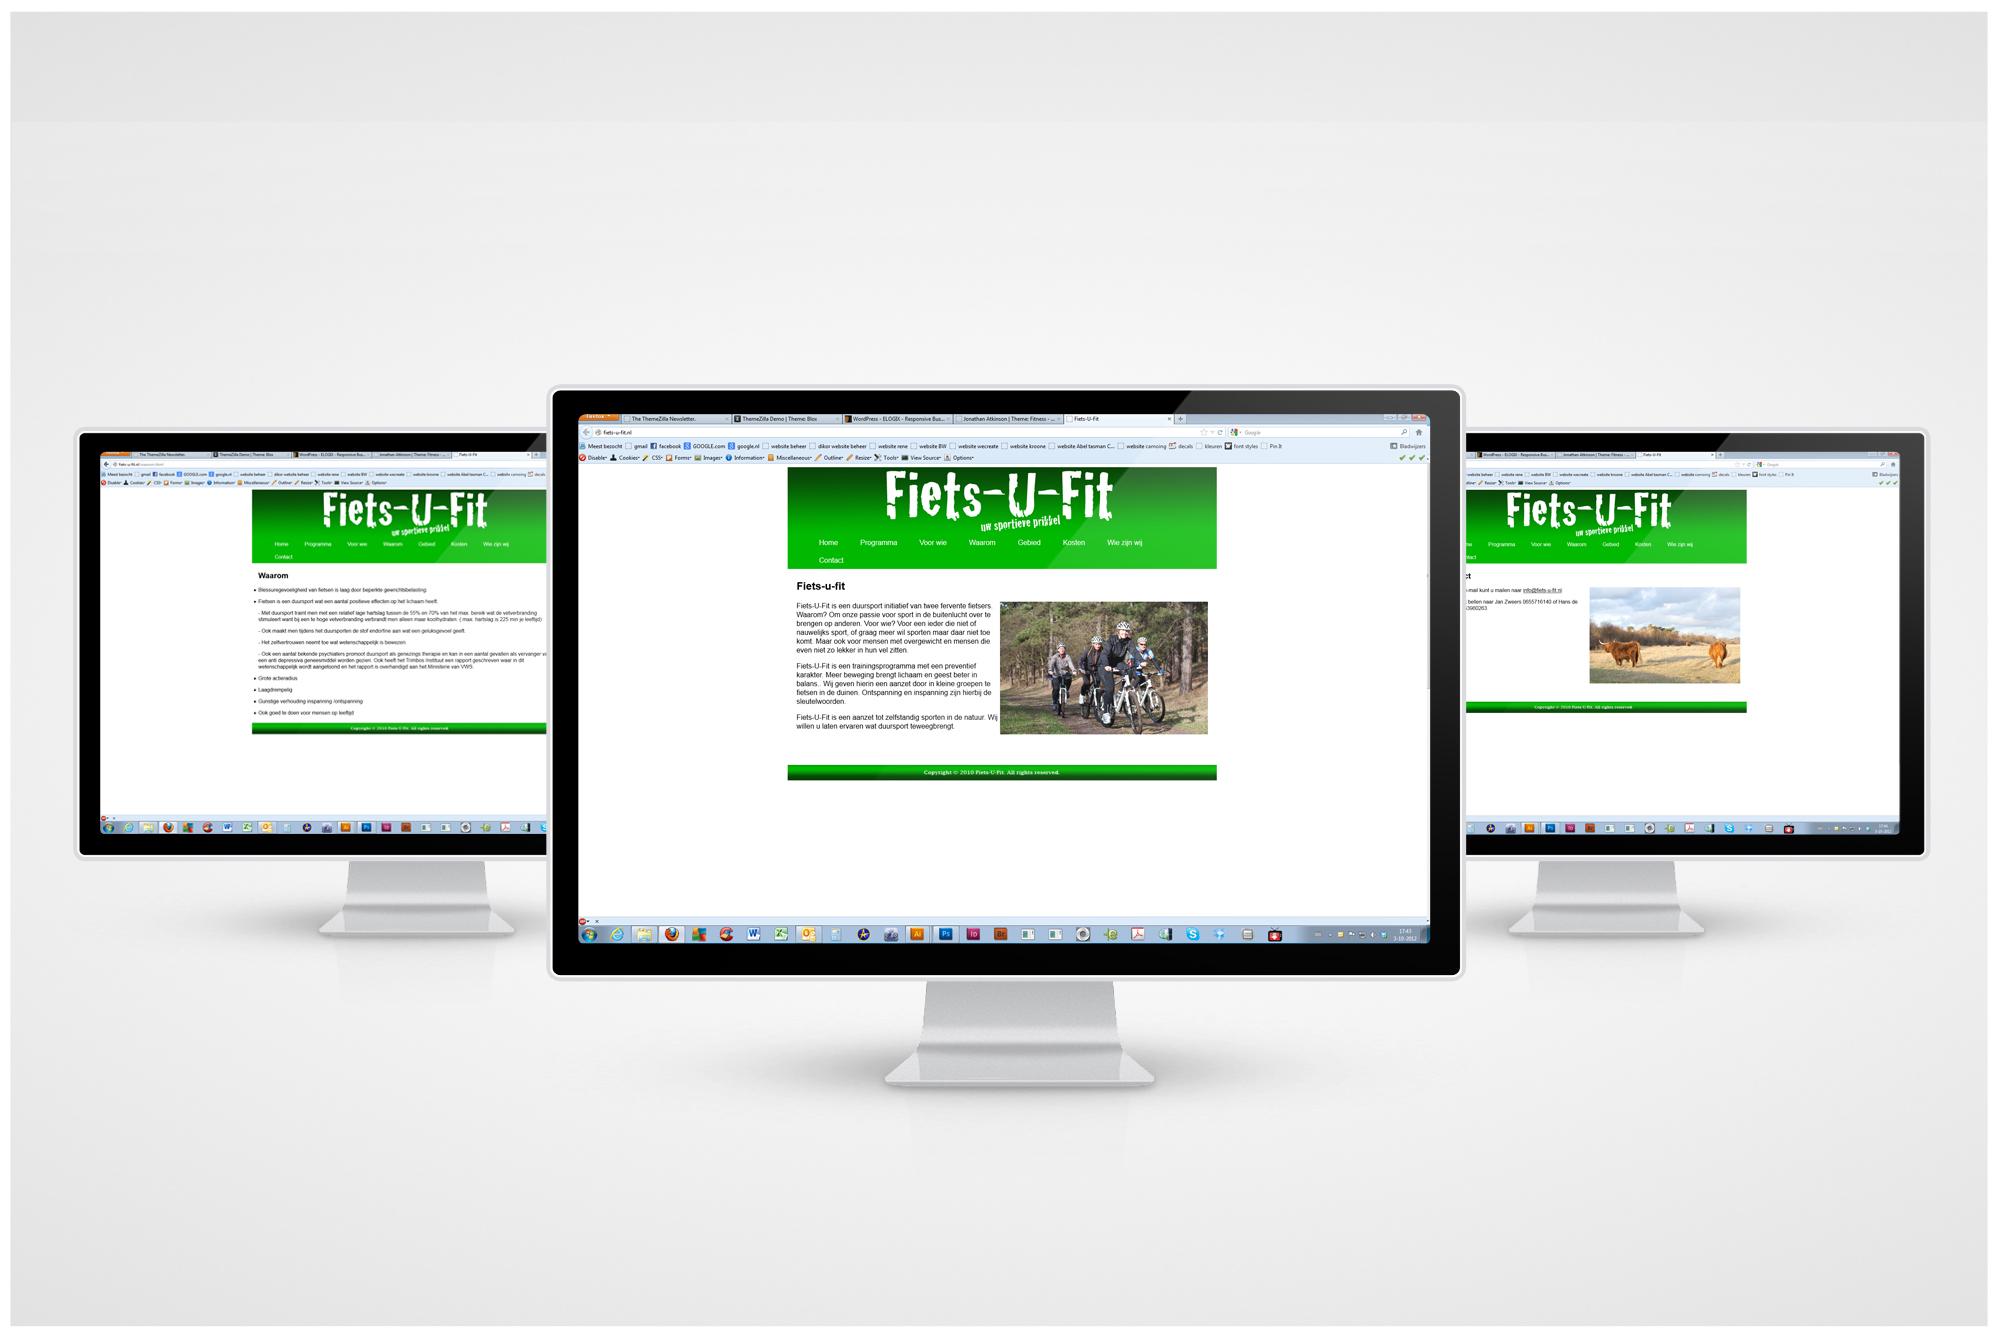 fiets-u-fit oude website